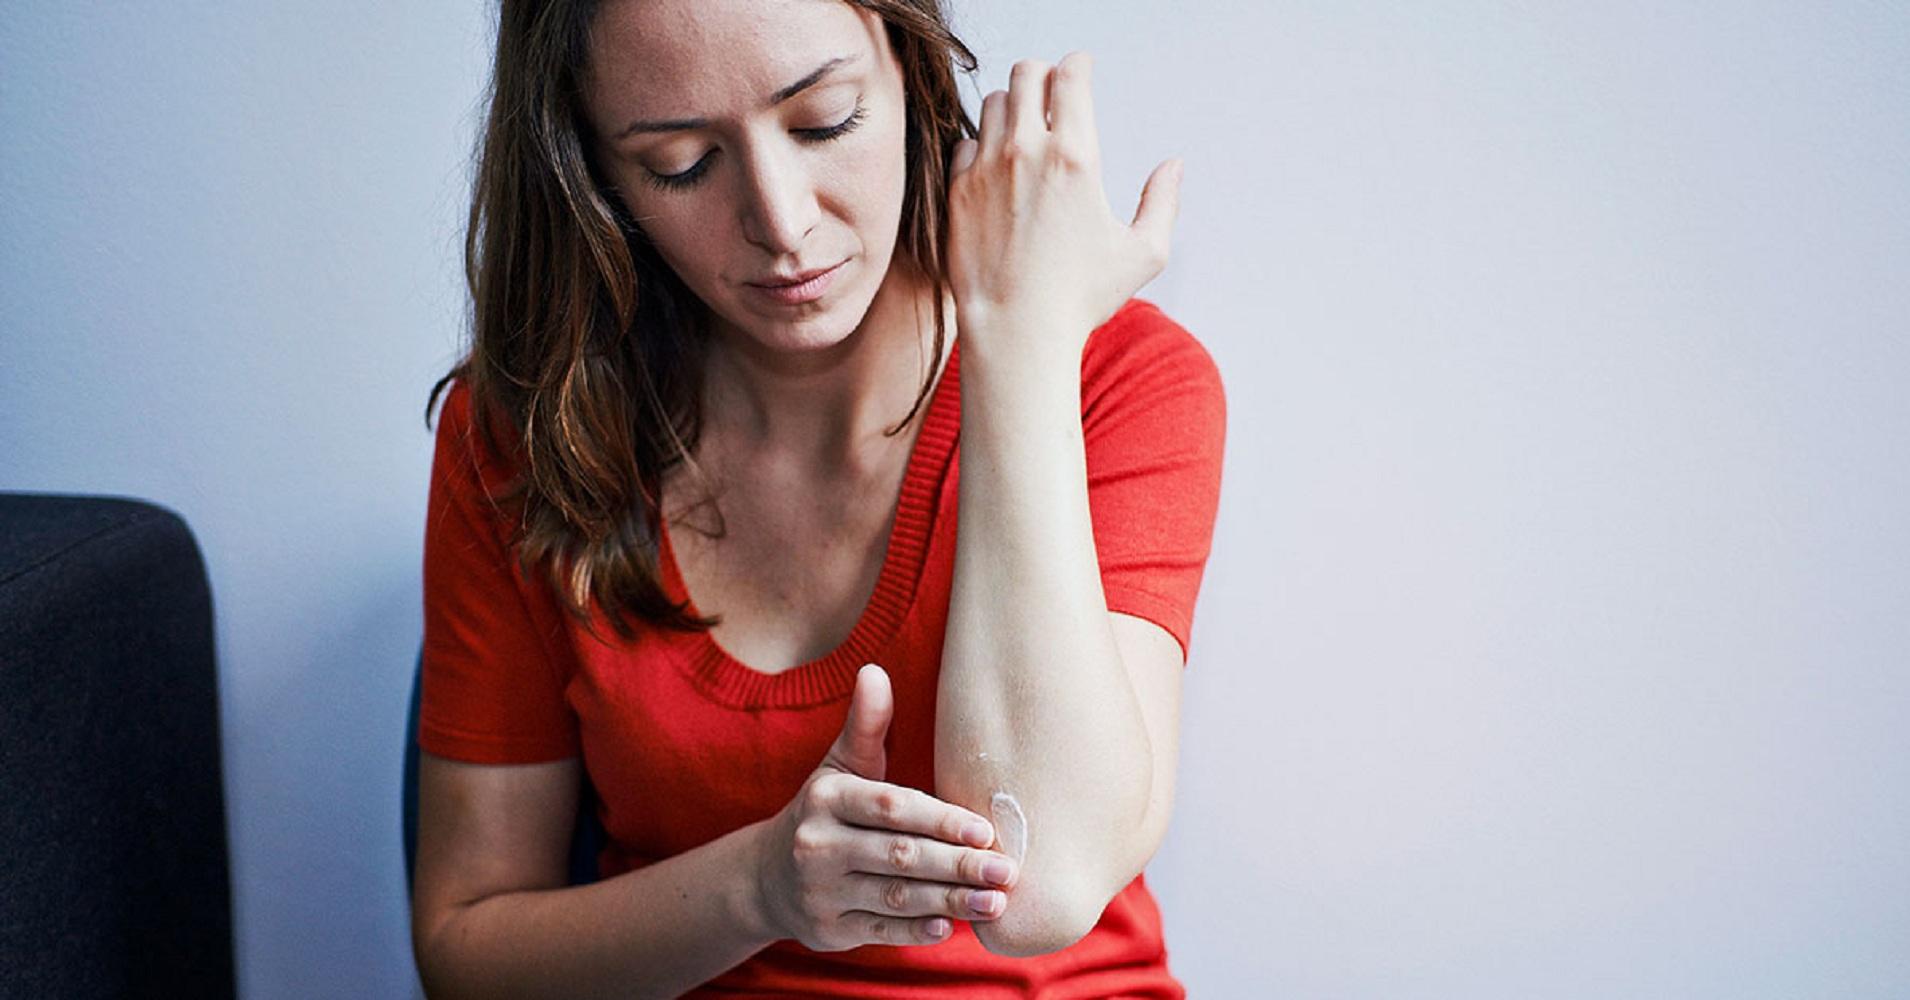 hogyan kezeljük az ízületi fájdalmakat munka közben)